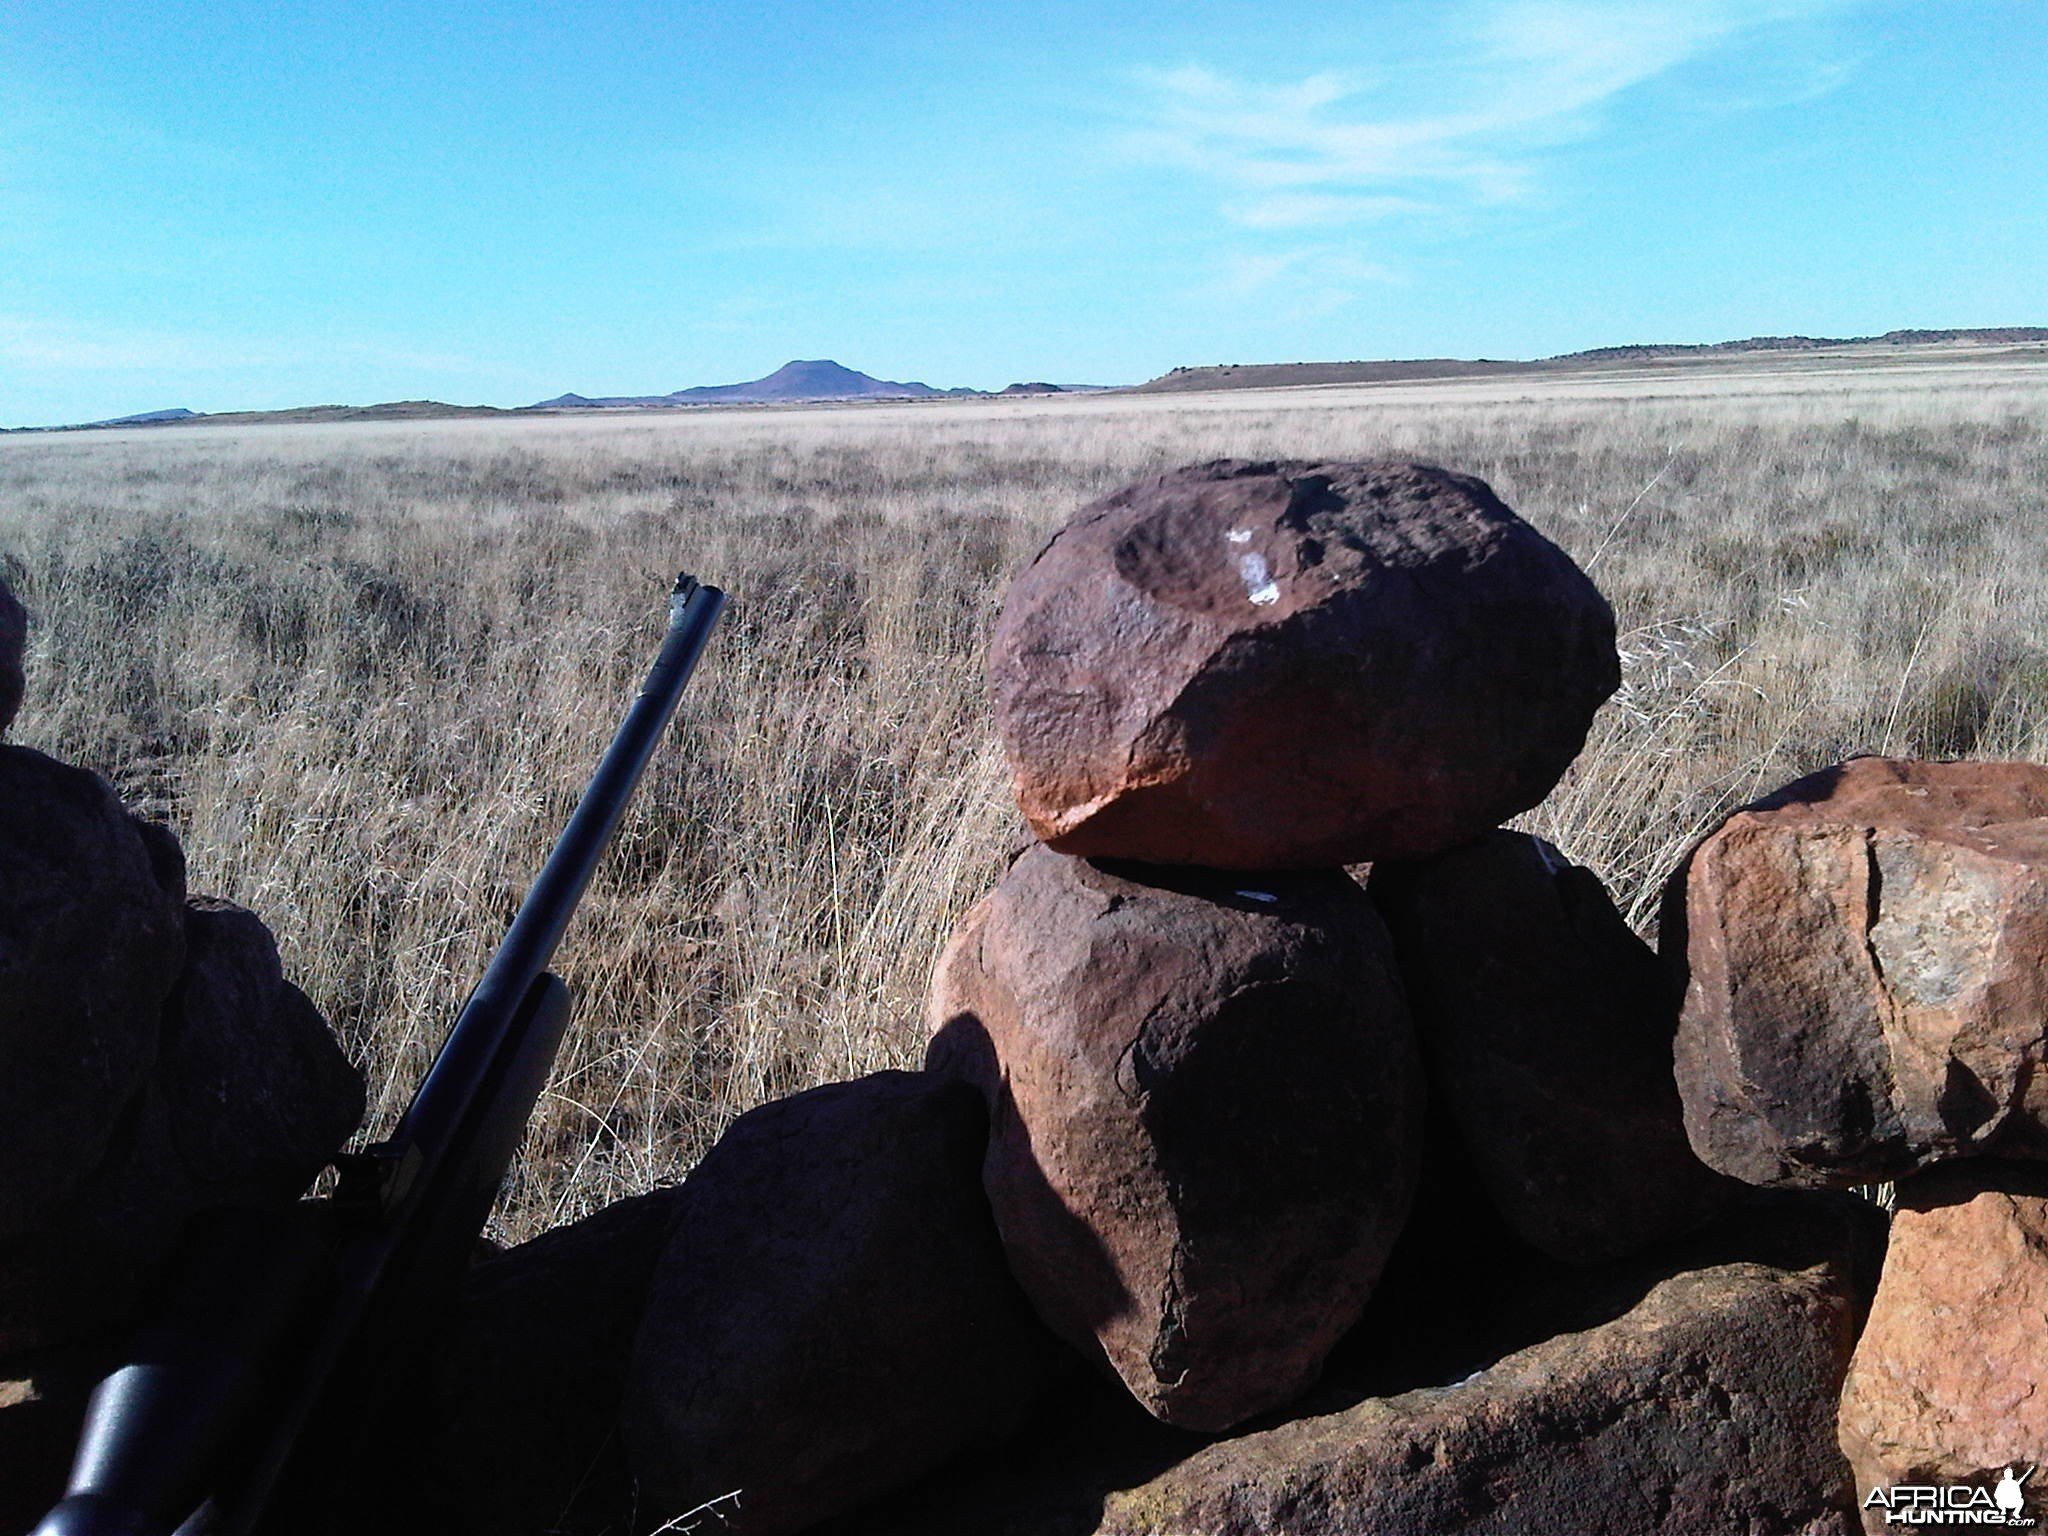 Karoo Hunting Blind